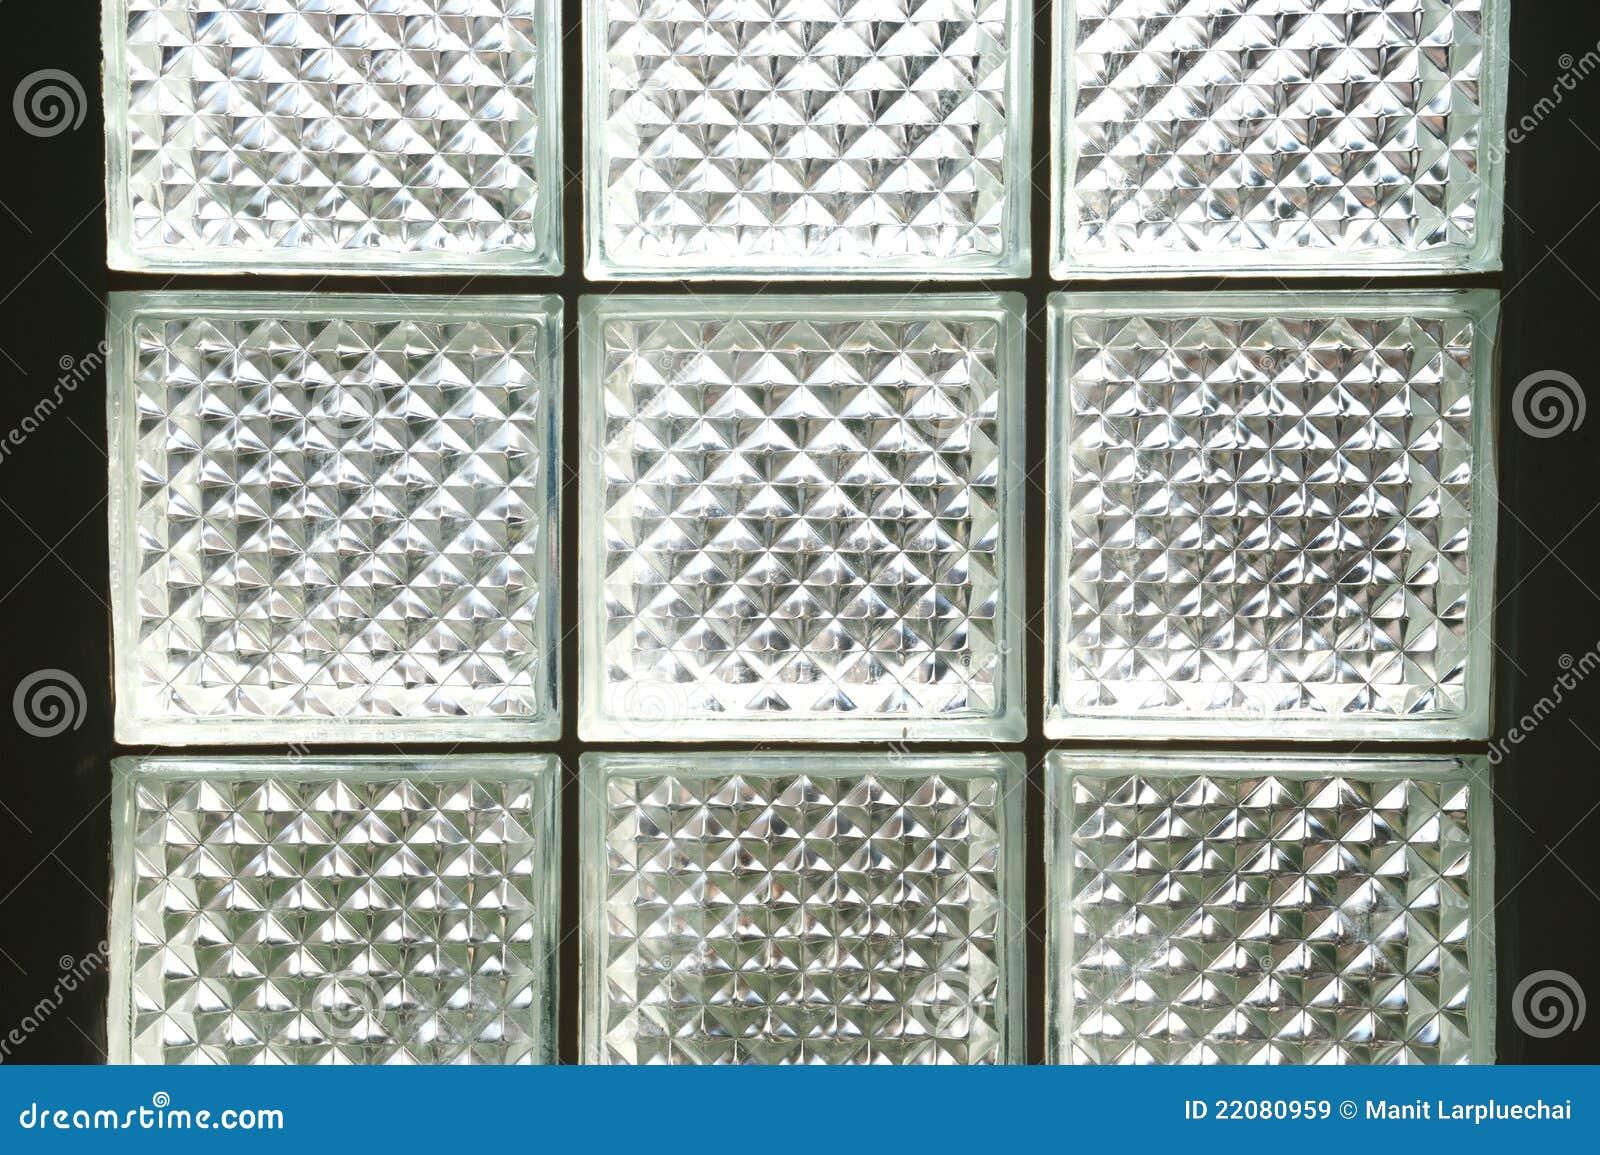 #82A328 Bloco De Vidro Para Iluminar se No Quarto. Imagens de Stock Royalty  204 Janelas De Vidro No Quarto